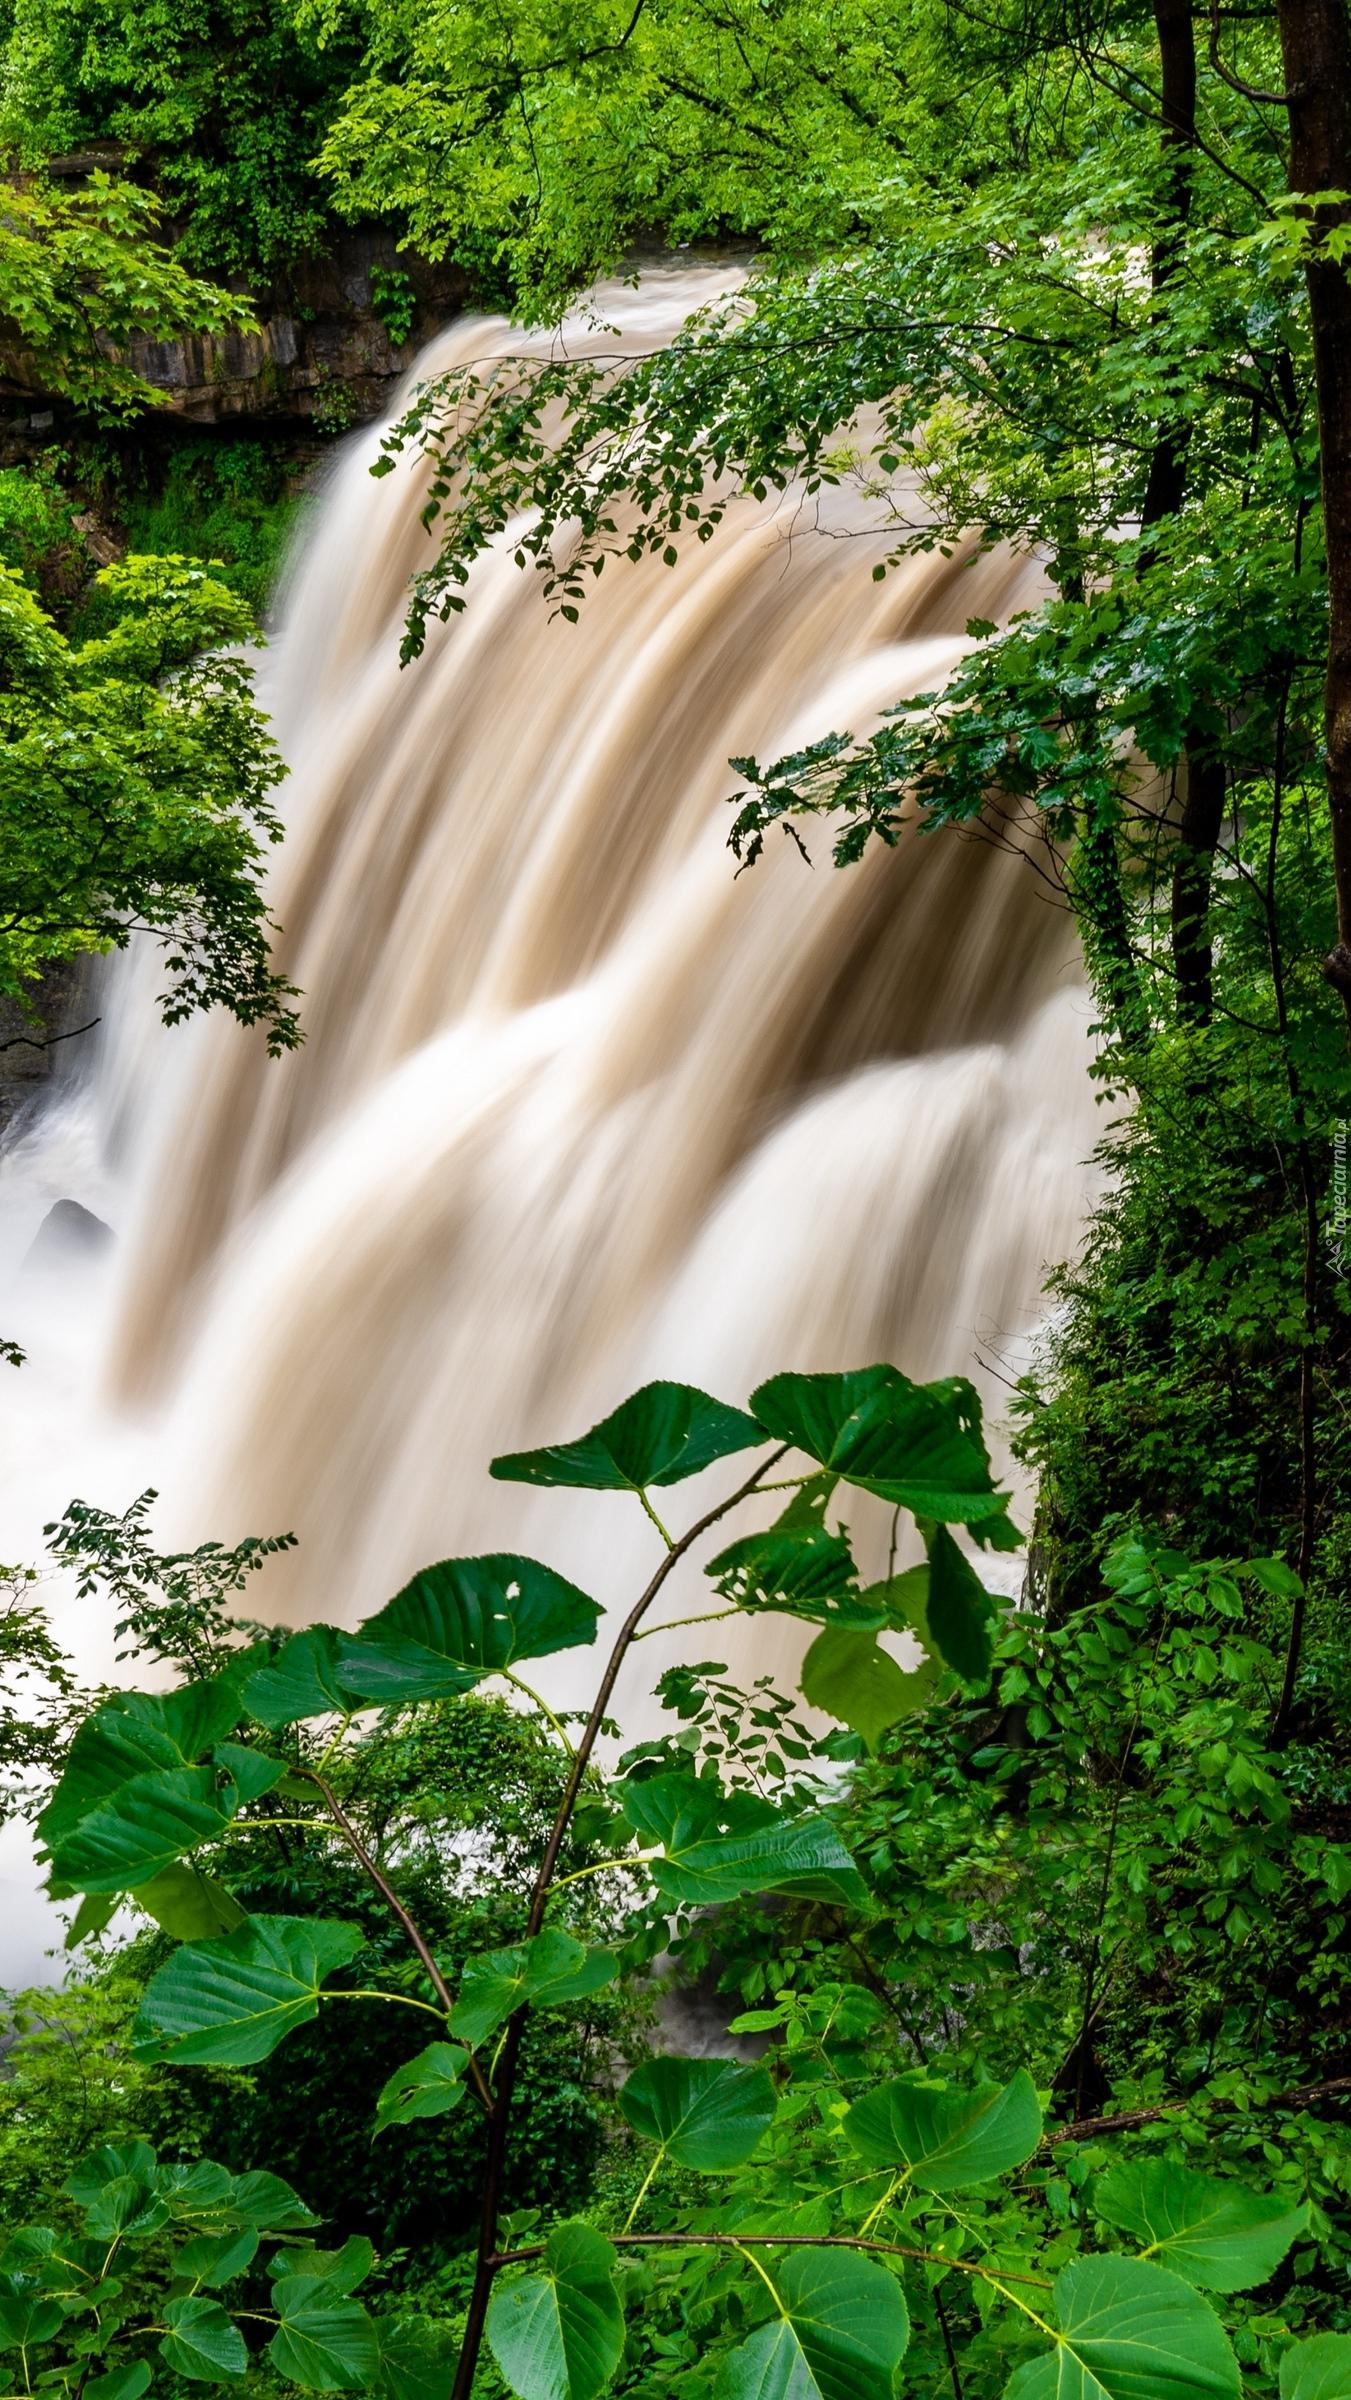 Wodospad w lesie